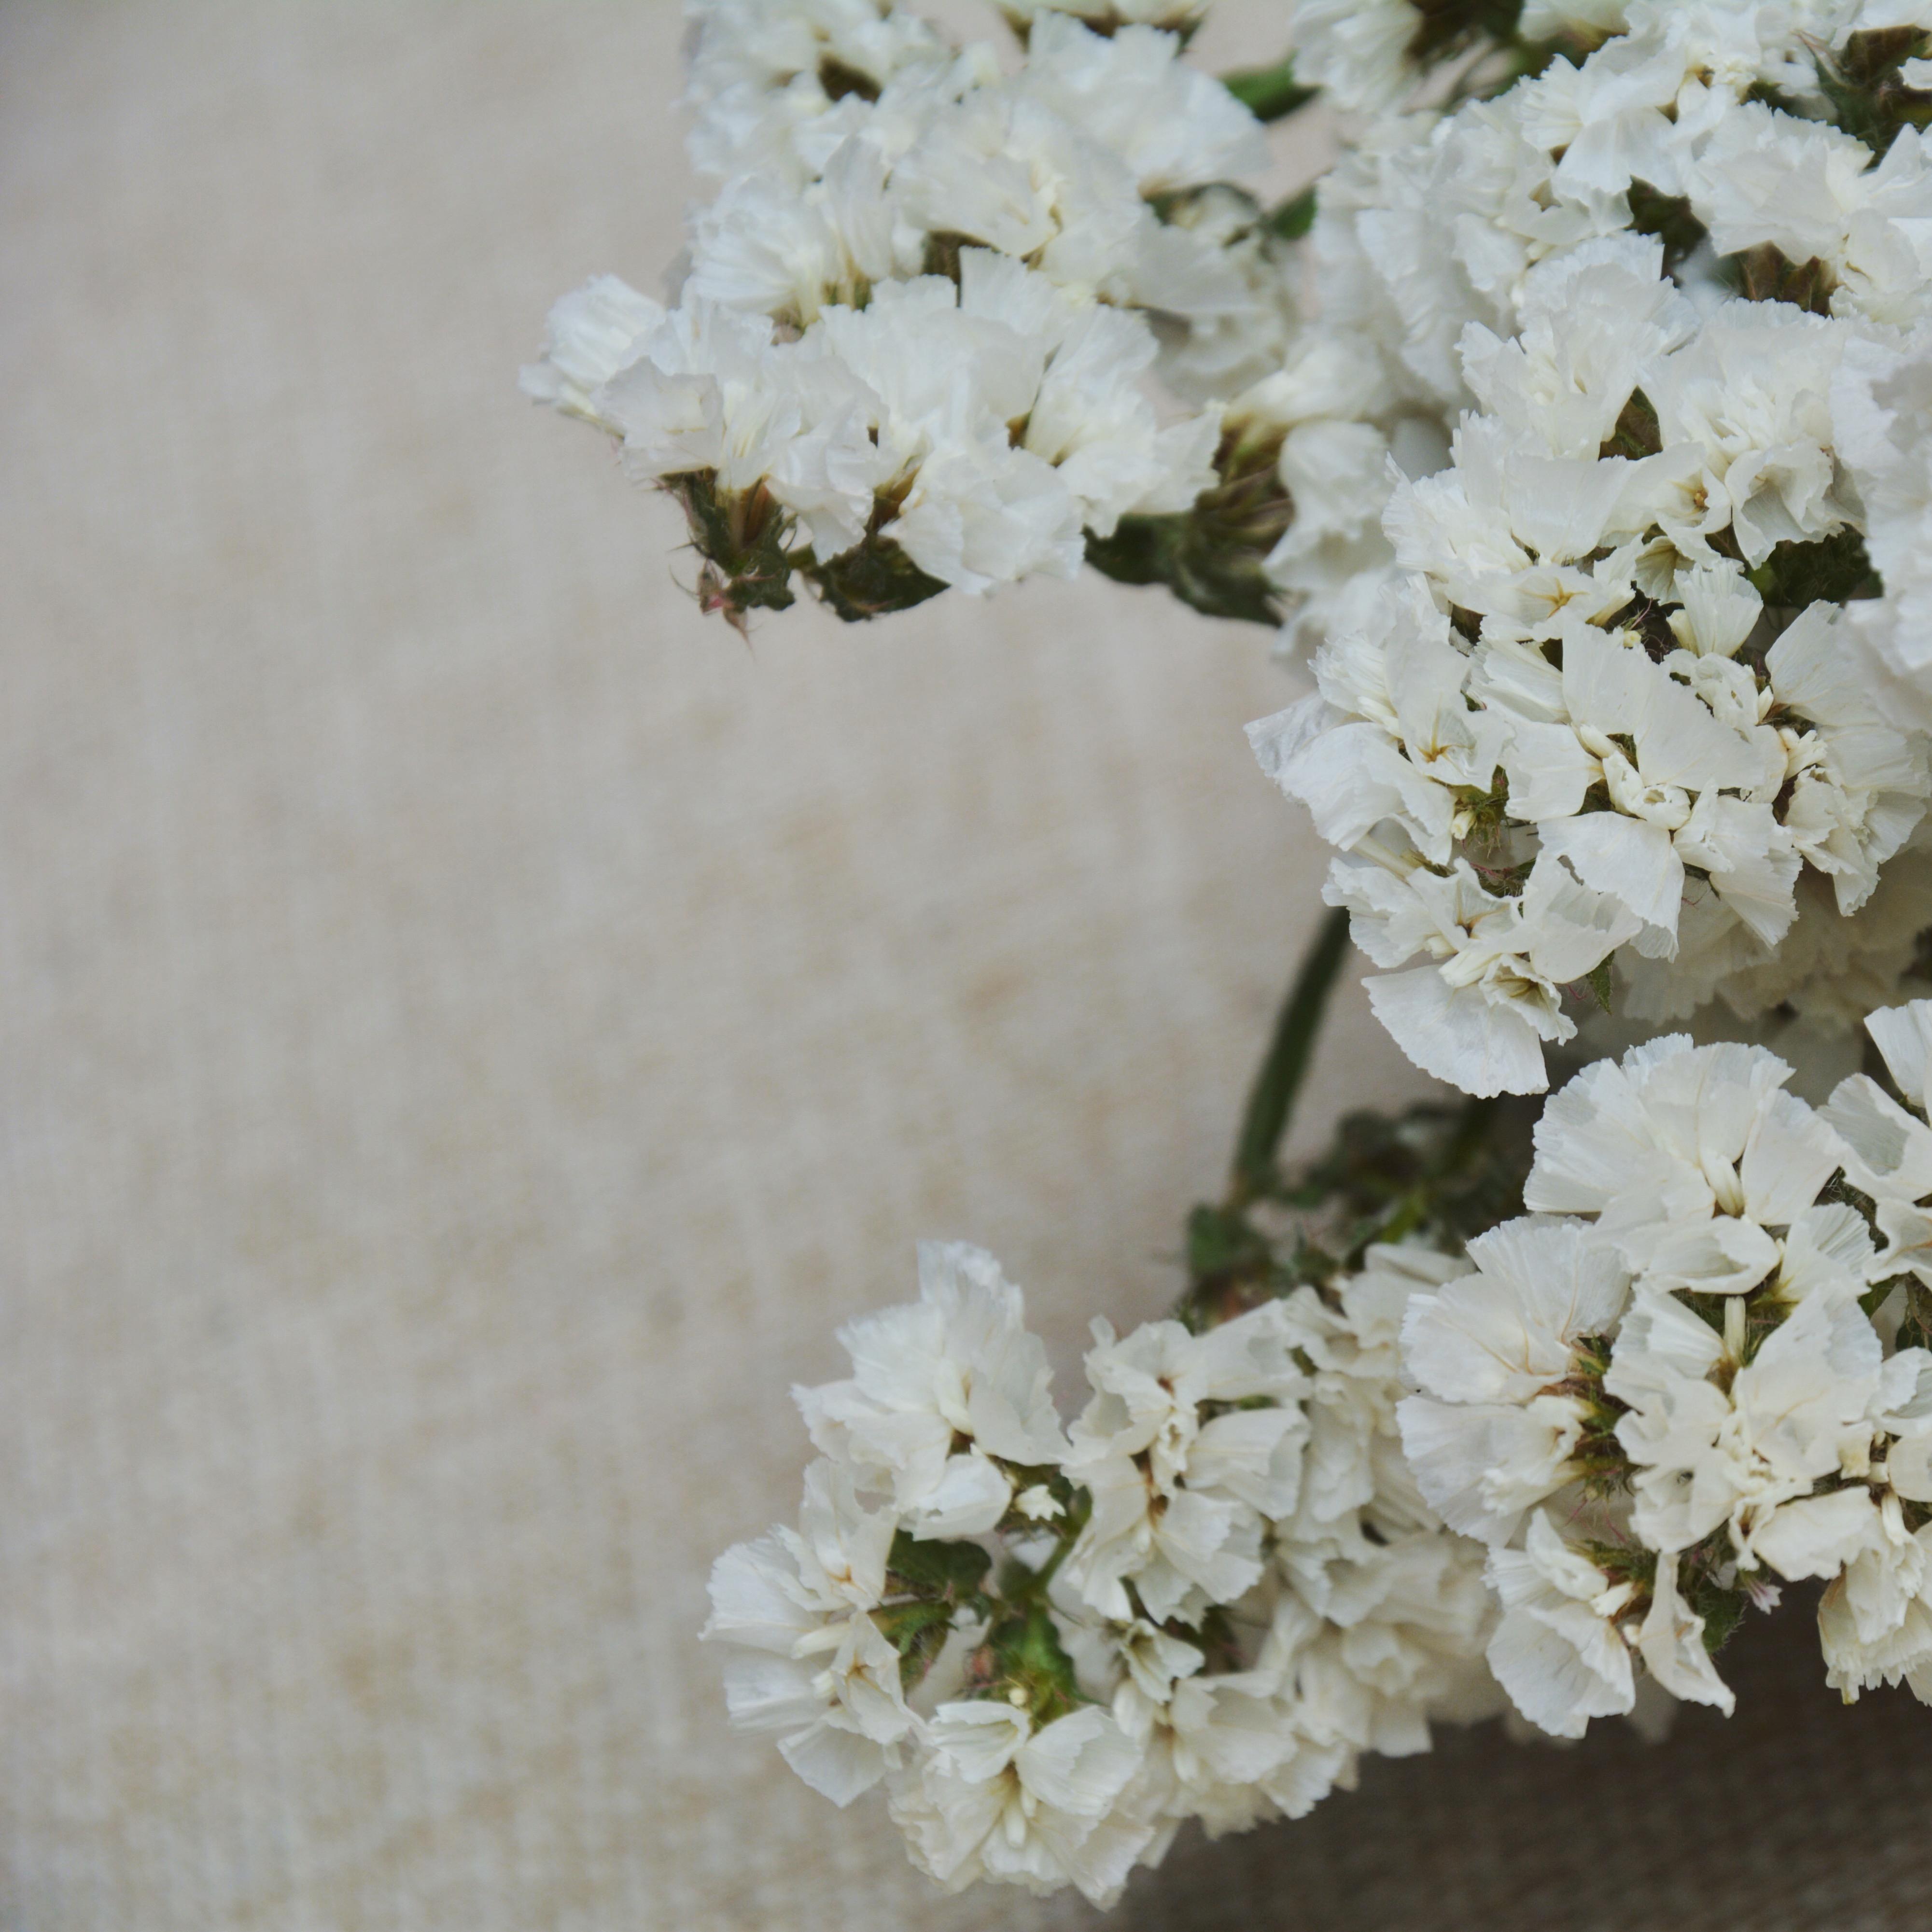 Незабудка сухие цветы натуральные высушенный офис комната домой работа комната магазин декоративный фотография стрельба реквизит